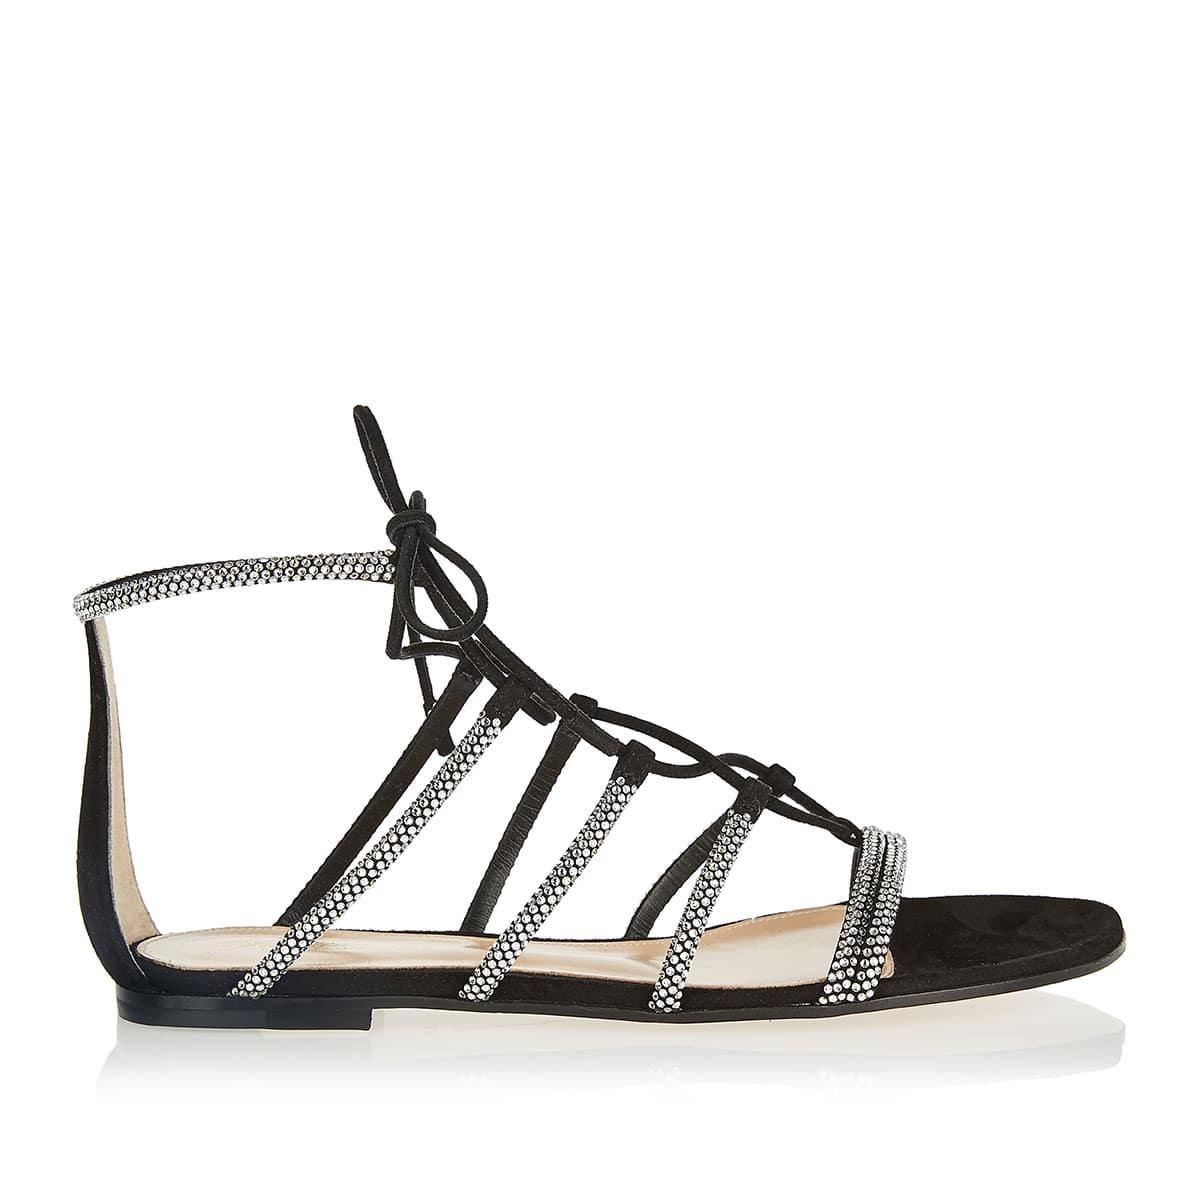 Crystal-embellished suede flat sandals